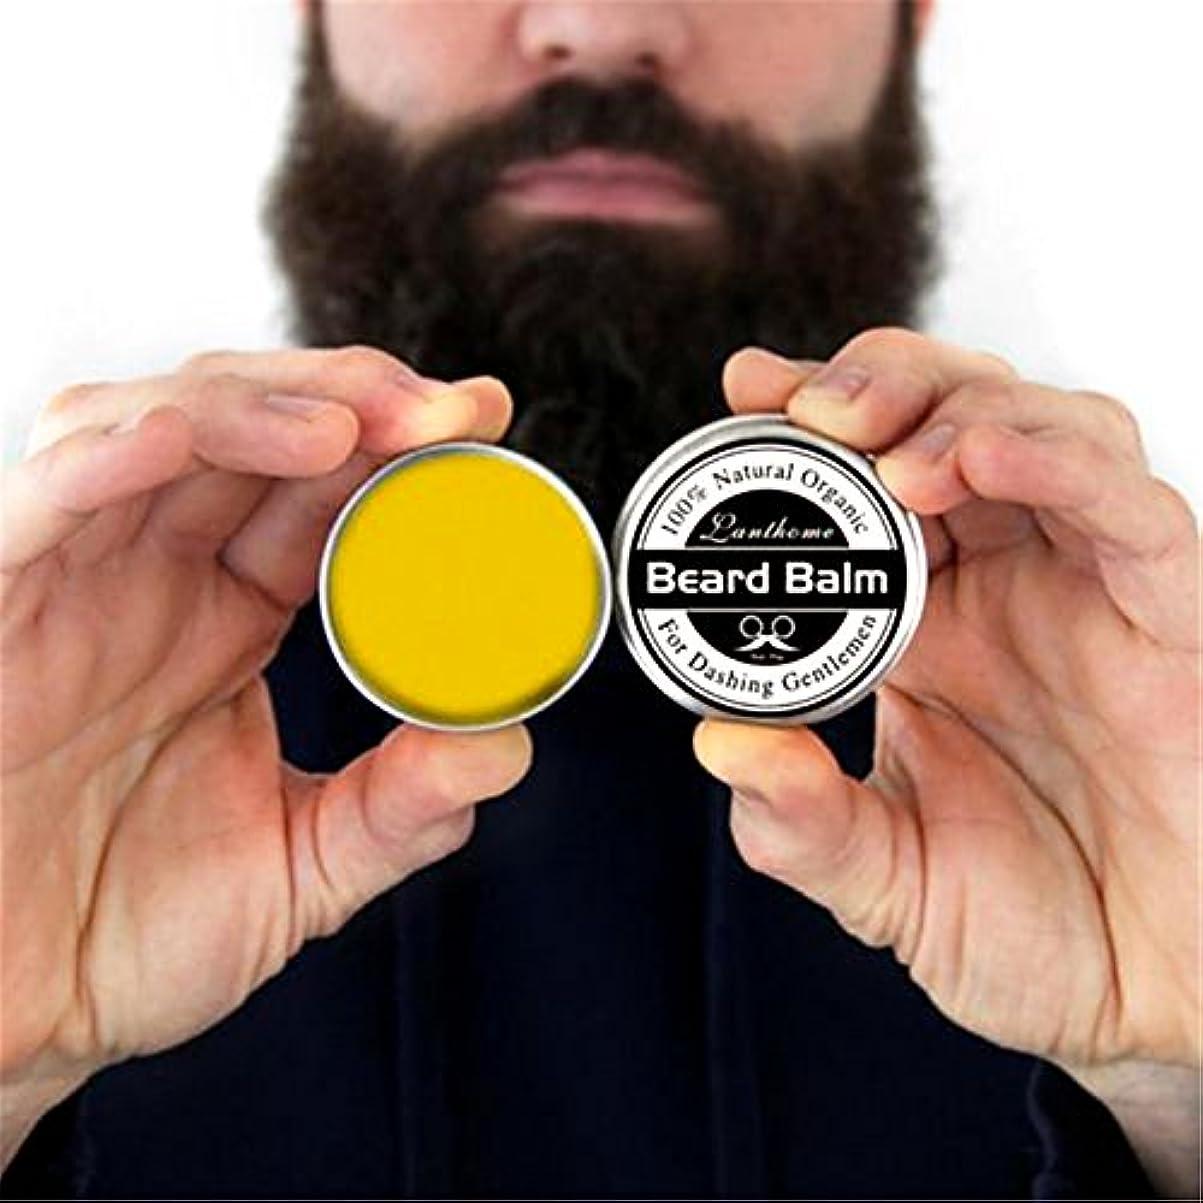 カード実際の偏心Ruier-tong ビアードバーム メンズひげワックス 口髭用ワックス ひげクリーム 保湿/滋養/ひげ根のケアなどの効果  ひげケア必需品 携帯便利